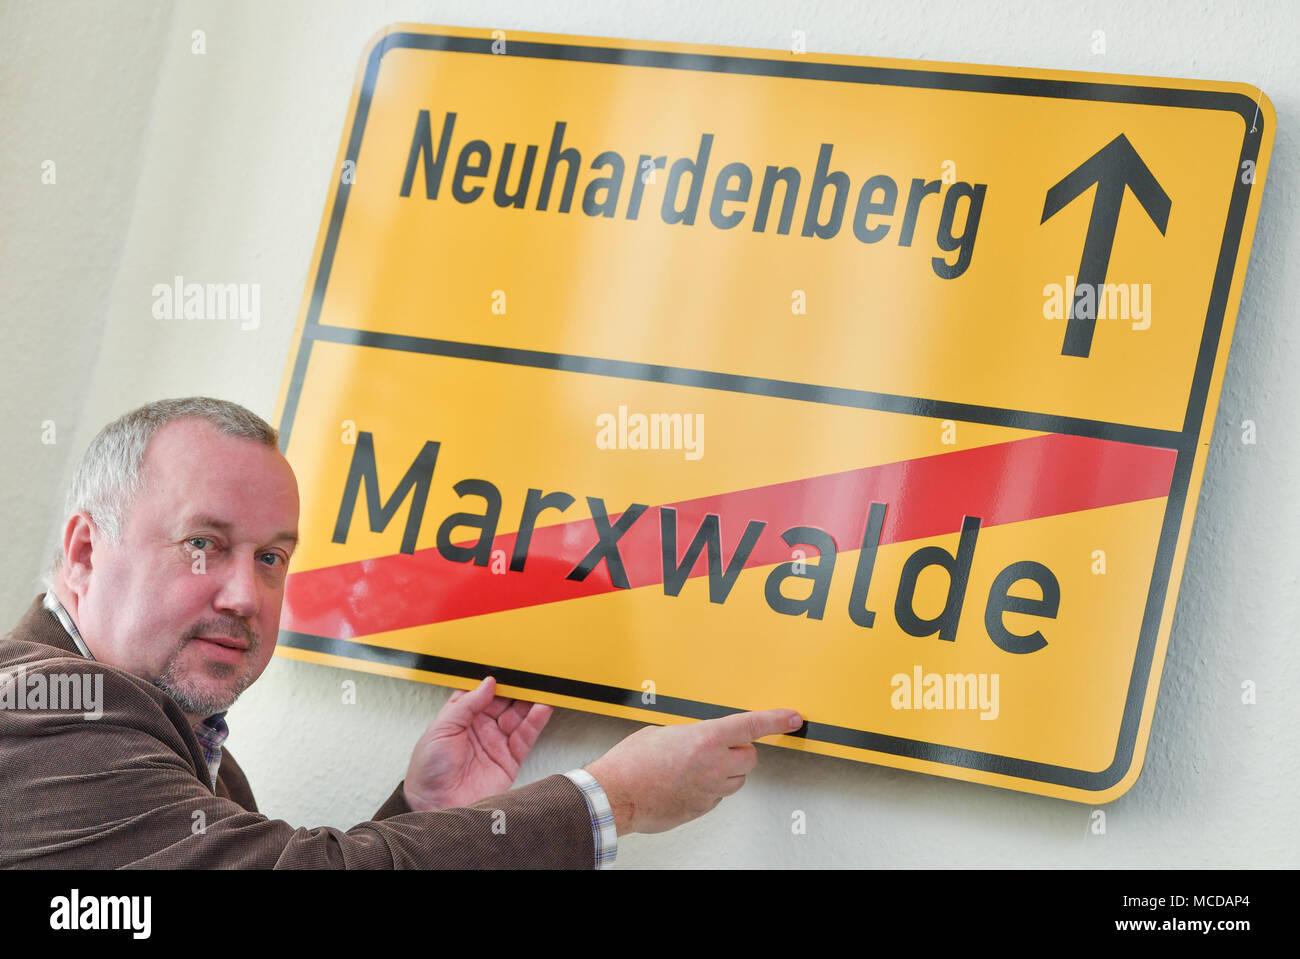 Il 10 aprile 2018, Germania, Neuhardenberg: Dietmar Zimmermann, presidente del patrimonio locale associazione 'Heimatverein Neuhardenberg e.V.' luoghi un cartello stradale che indica 'Neuhardenberg - Marxwalde' su una parete del locale museo del patrimonio. La città è stata previoulsy noto come Marxwalde dopo il filosofo tedesco, economista e teorico sociale Karl Marx (Maggio 05, 1818 - marzo, 14 1883) durante la RDT era e rinominato Neuhardenberg dopo la caduta del muro di Berlino. Foto: Patrick Pleul/dpa-Zentralbild/dpa Foto Stock